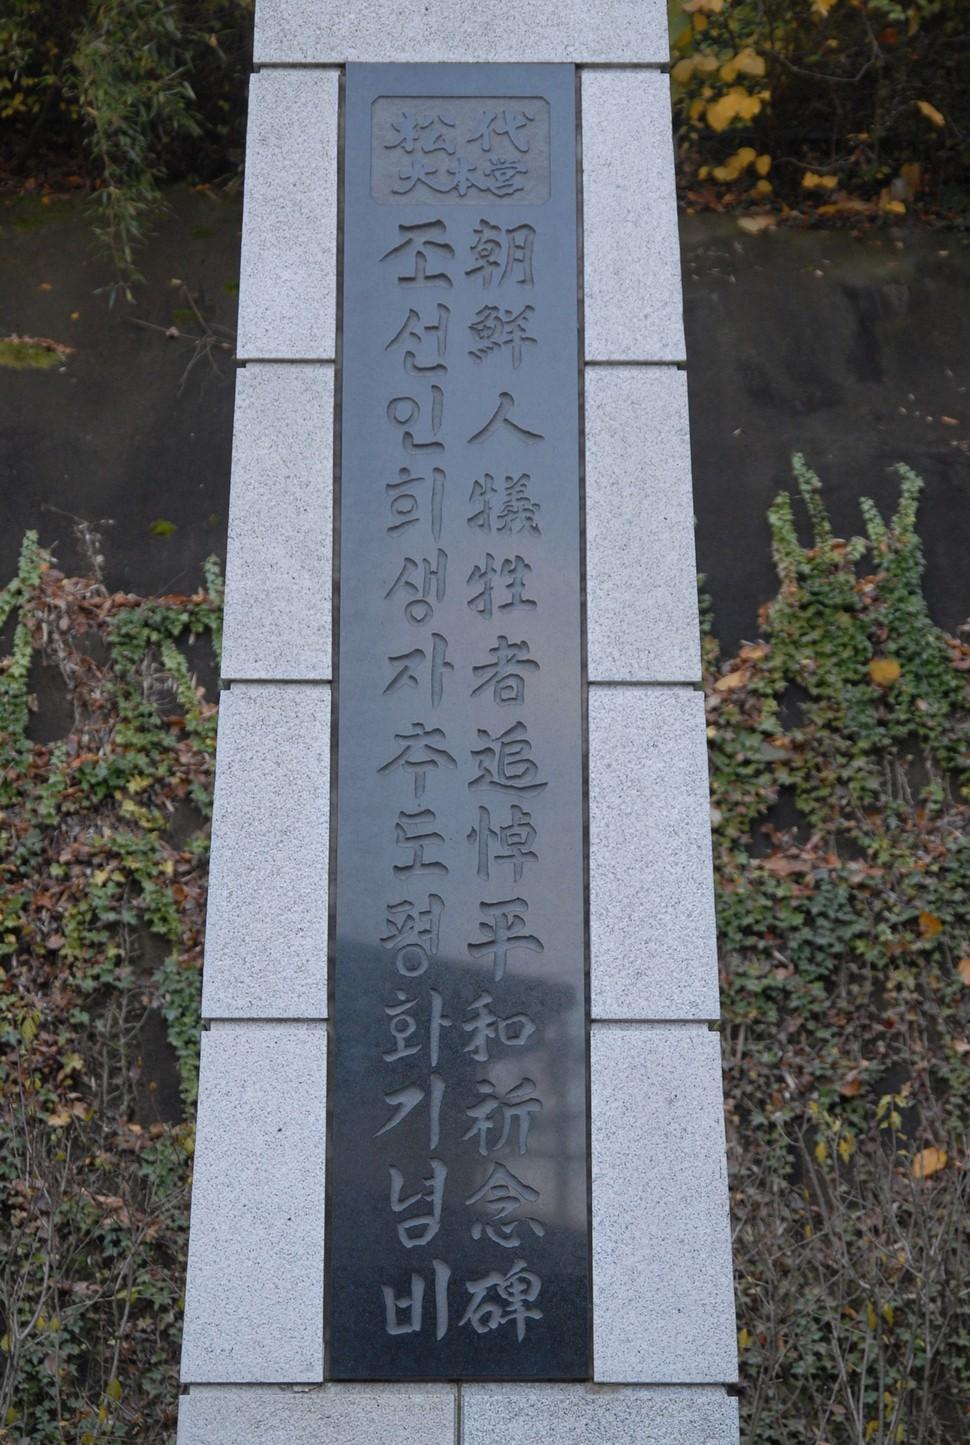 조선 청년 6000여명이 지하터널 공사에 동원된 혼슈 중부 나가노현 마쓰시로대본영 터에 세워진 마쓰시로대본영 추모비.